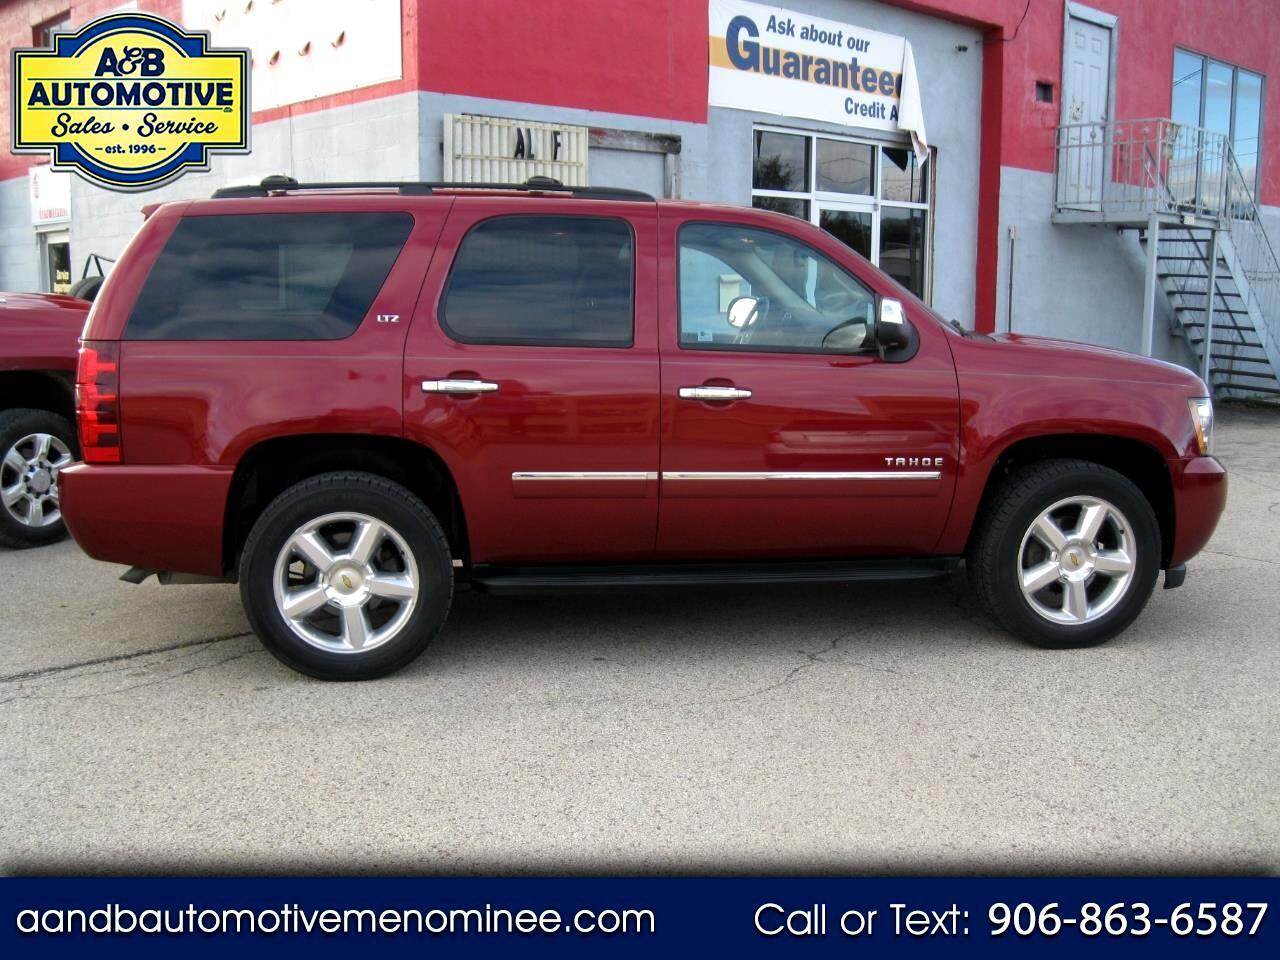 2010 Chevrolet Tahoe 4WD 4dr 1500 LTZ